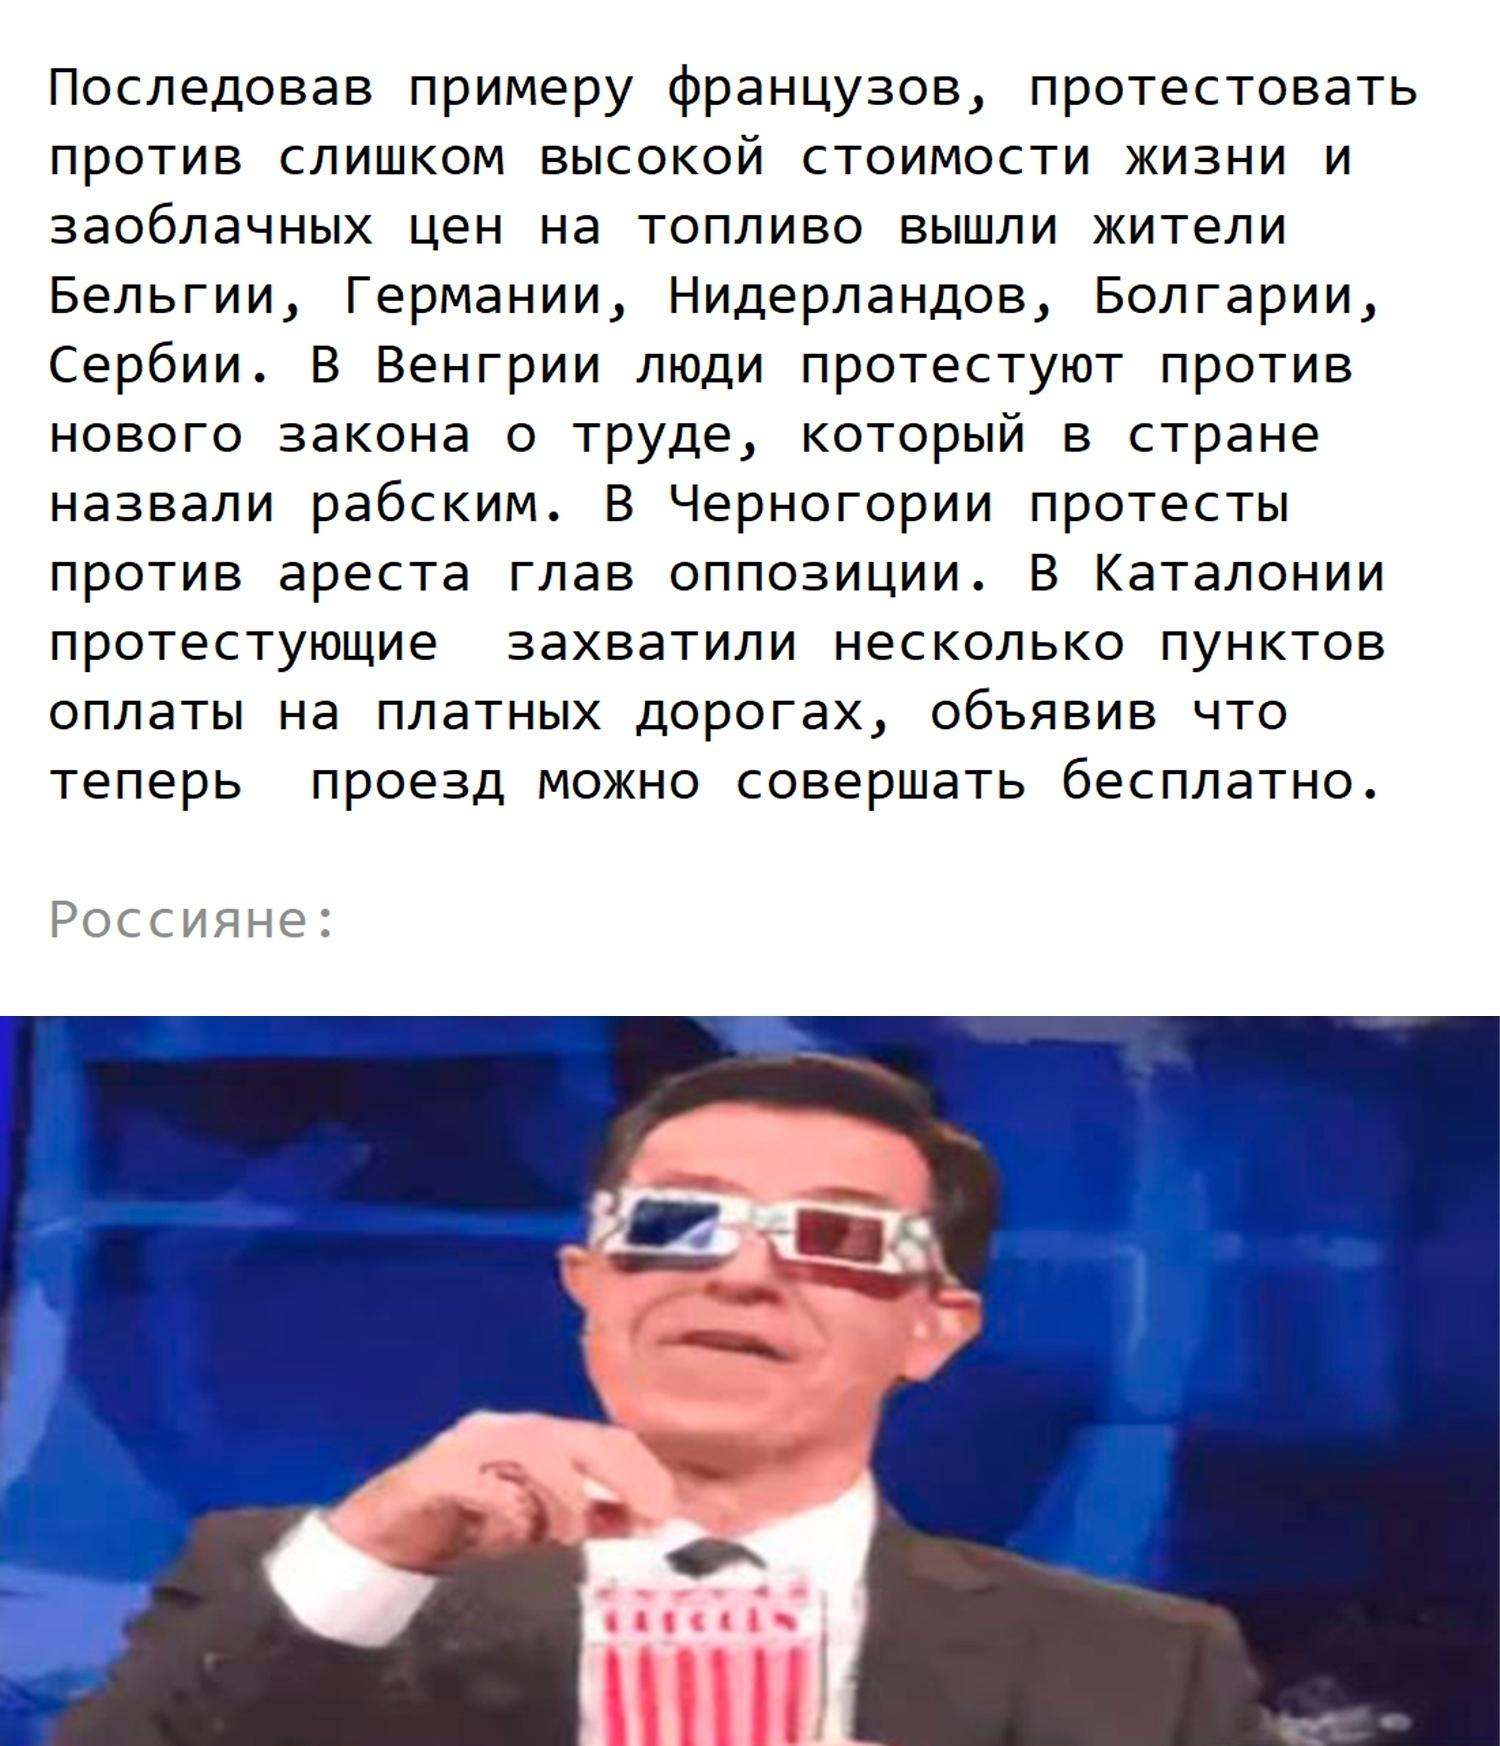 Долго ещё будут пиздеть на украинских каналах эти мрази